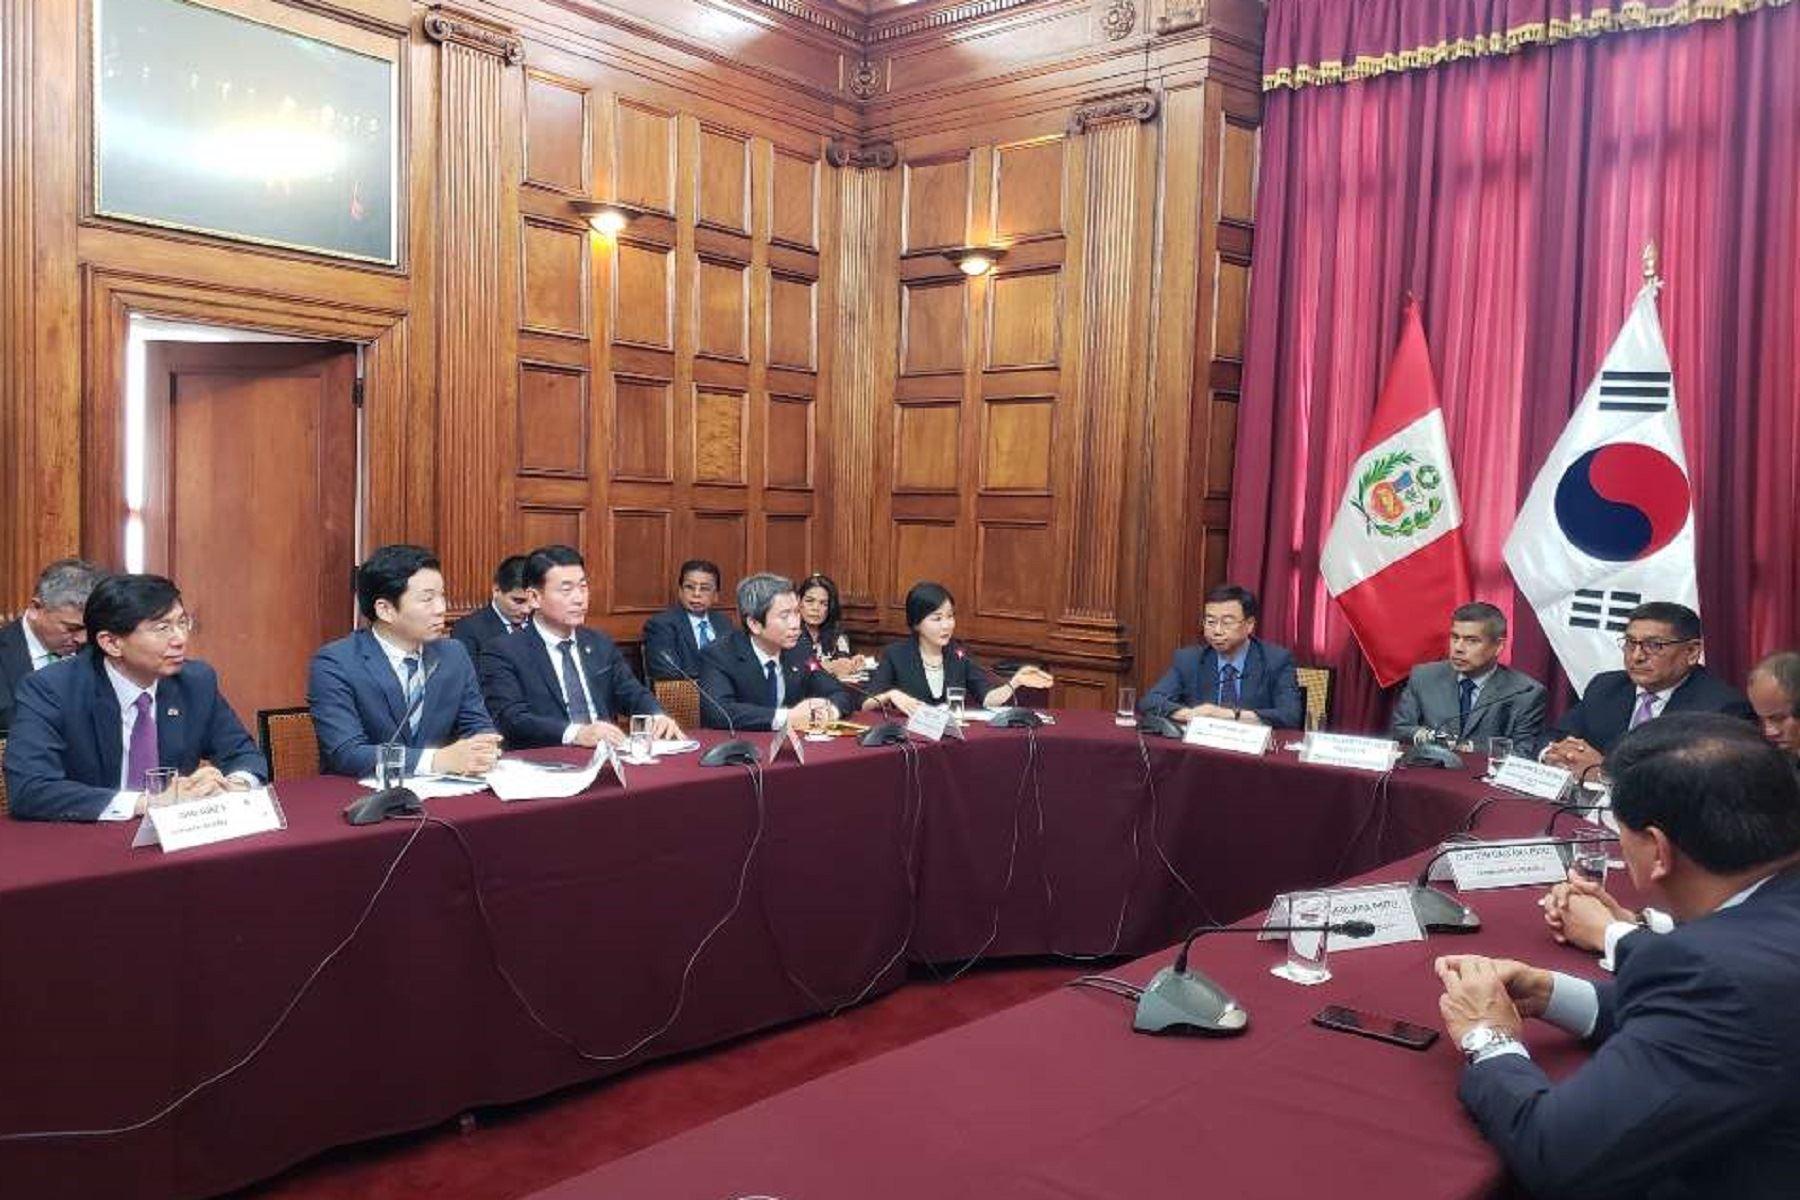 Delegación coreana visita el Congreso de la República. Foto: Cortesía.